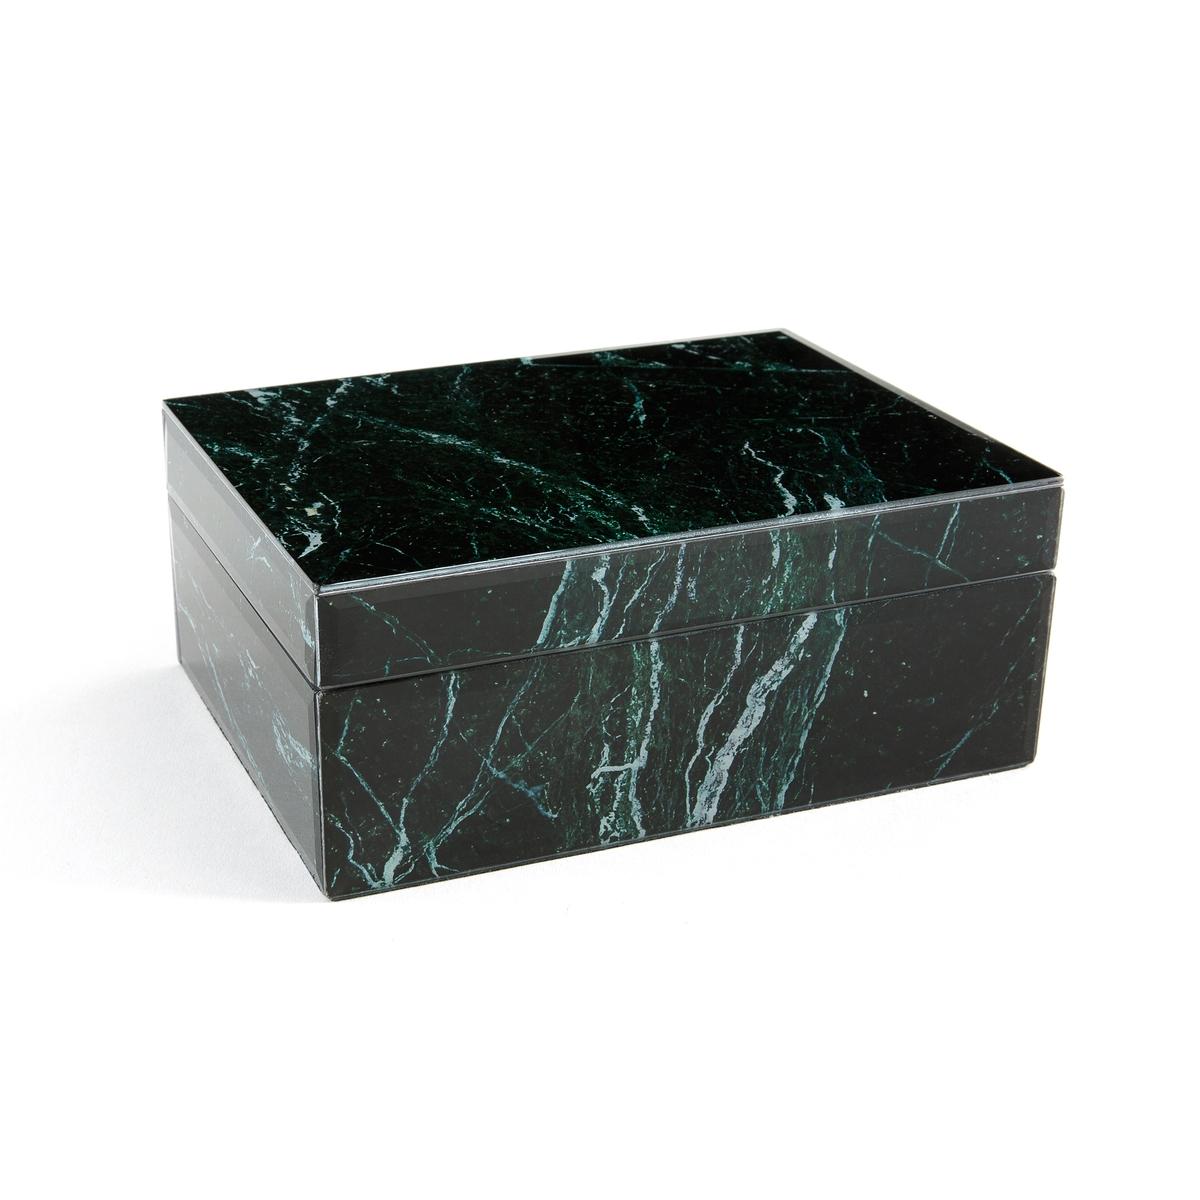 Коробка из стекла с мраморным принтом, MartagonКоробка Martagon. Будет незаменима на письменном или журнальном столе для размещения мелких предметов . Из граненного стекла  3 мм толщиной с мраморным зеленым принтом  . Корпус-МДФ. Внутри и снизу - отделка черным фетрином  . С крышкой . Размеры : L19 x H7,7 x P14 см .<br><br>Цвет: Зеленый мрамор